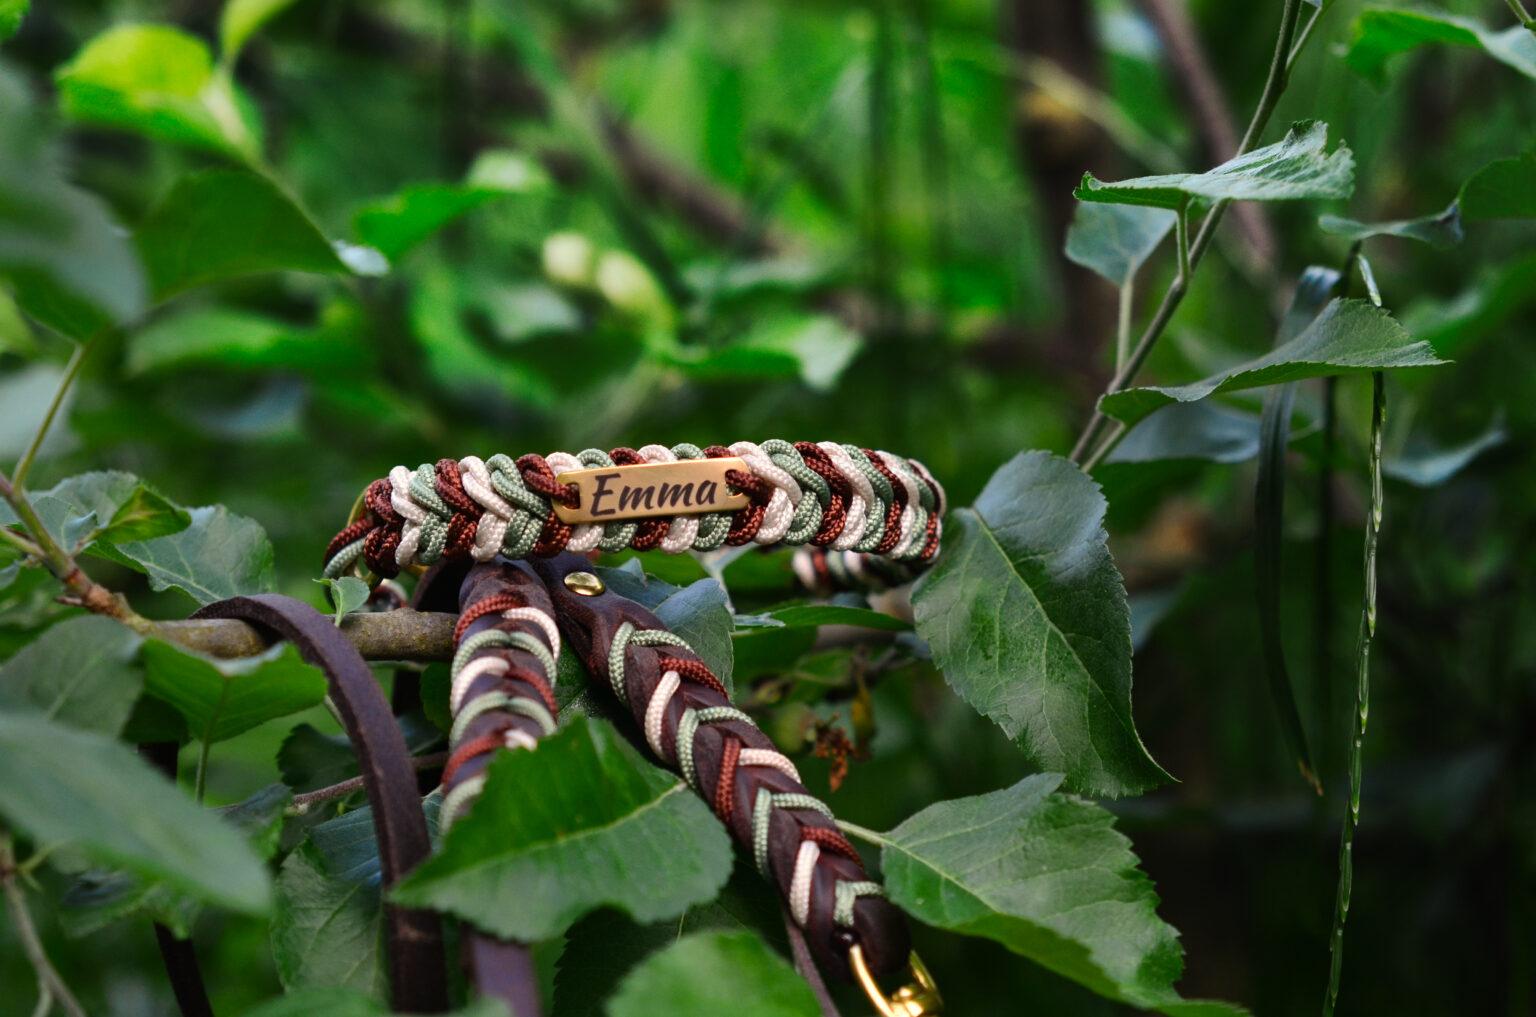 Für Emma durfte das Halsband etwas schmaler sein, daher ist die hübsche Grün-Braun-Creme-Kombination in Paracord Typ II angefertigt worden.